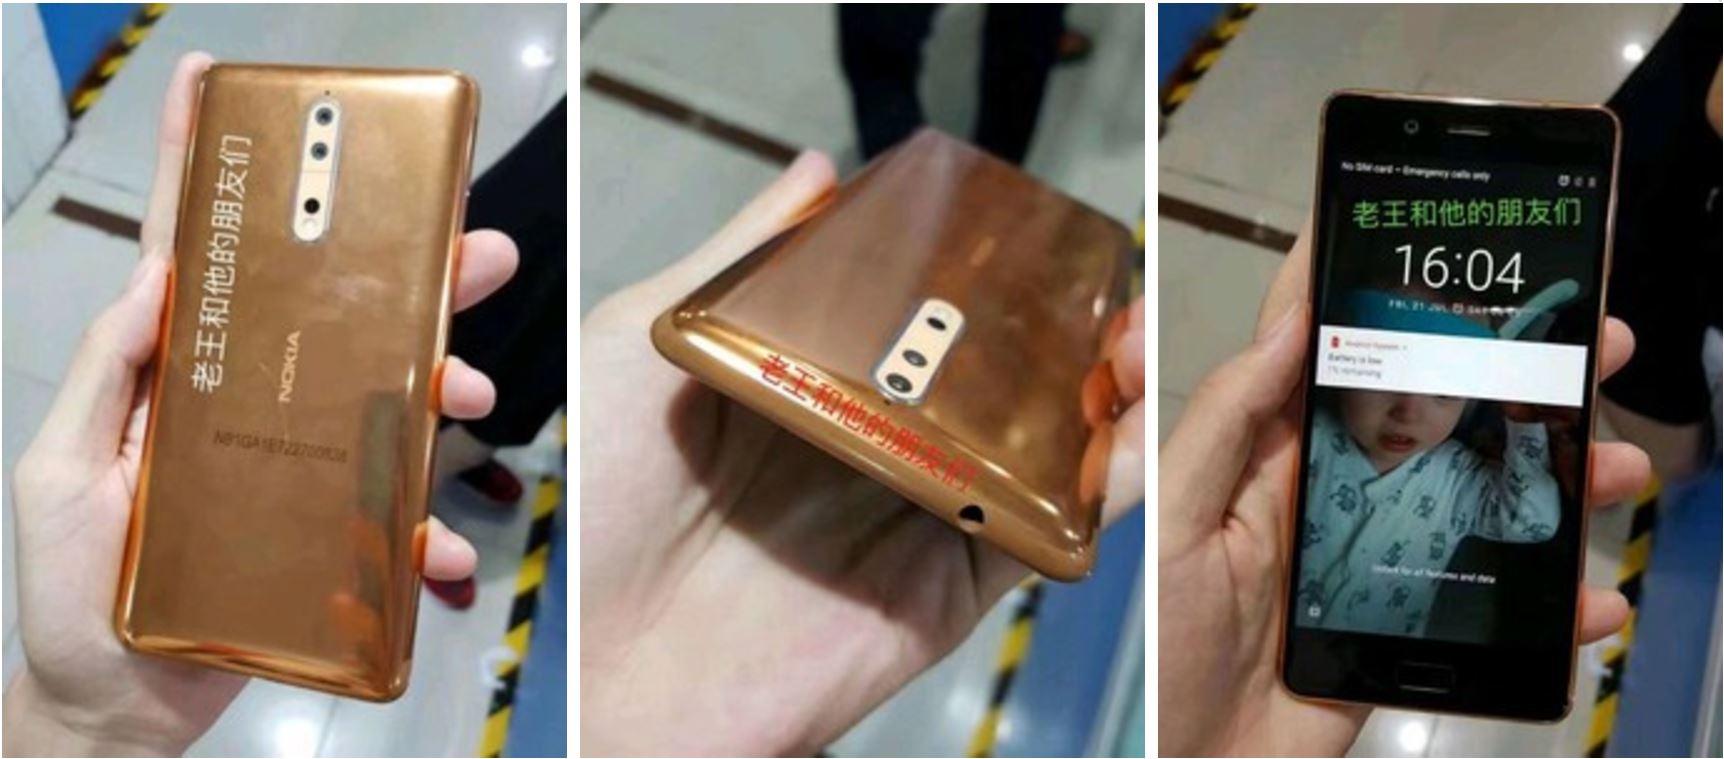 تصاویری از نسخه طلایی مسی نوکیا ۸ (Nokia 8) به بیرون درز کرد